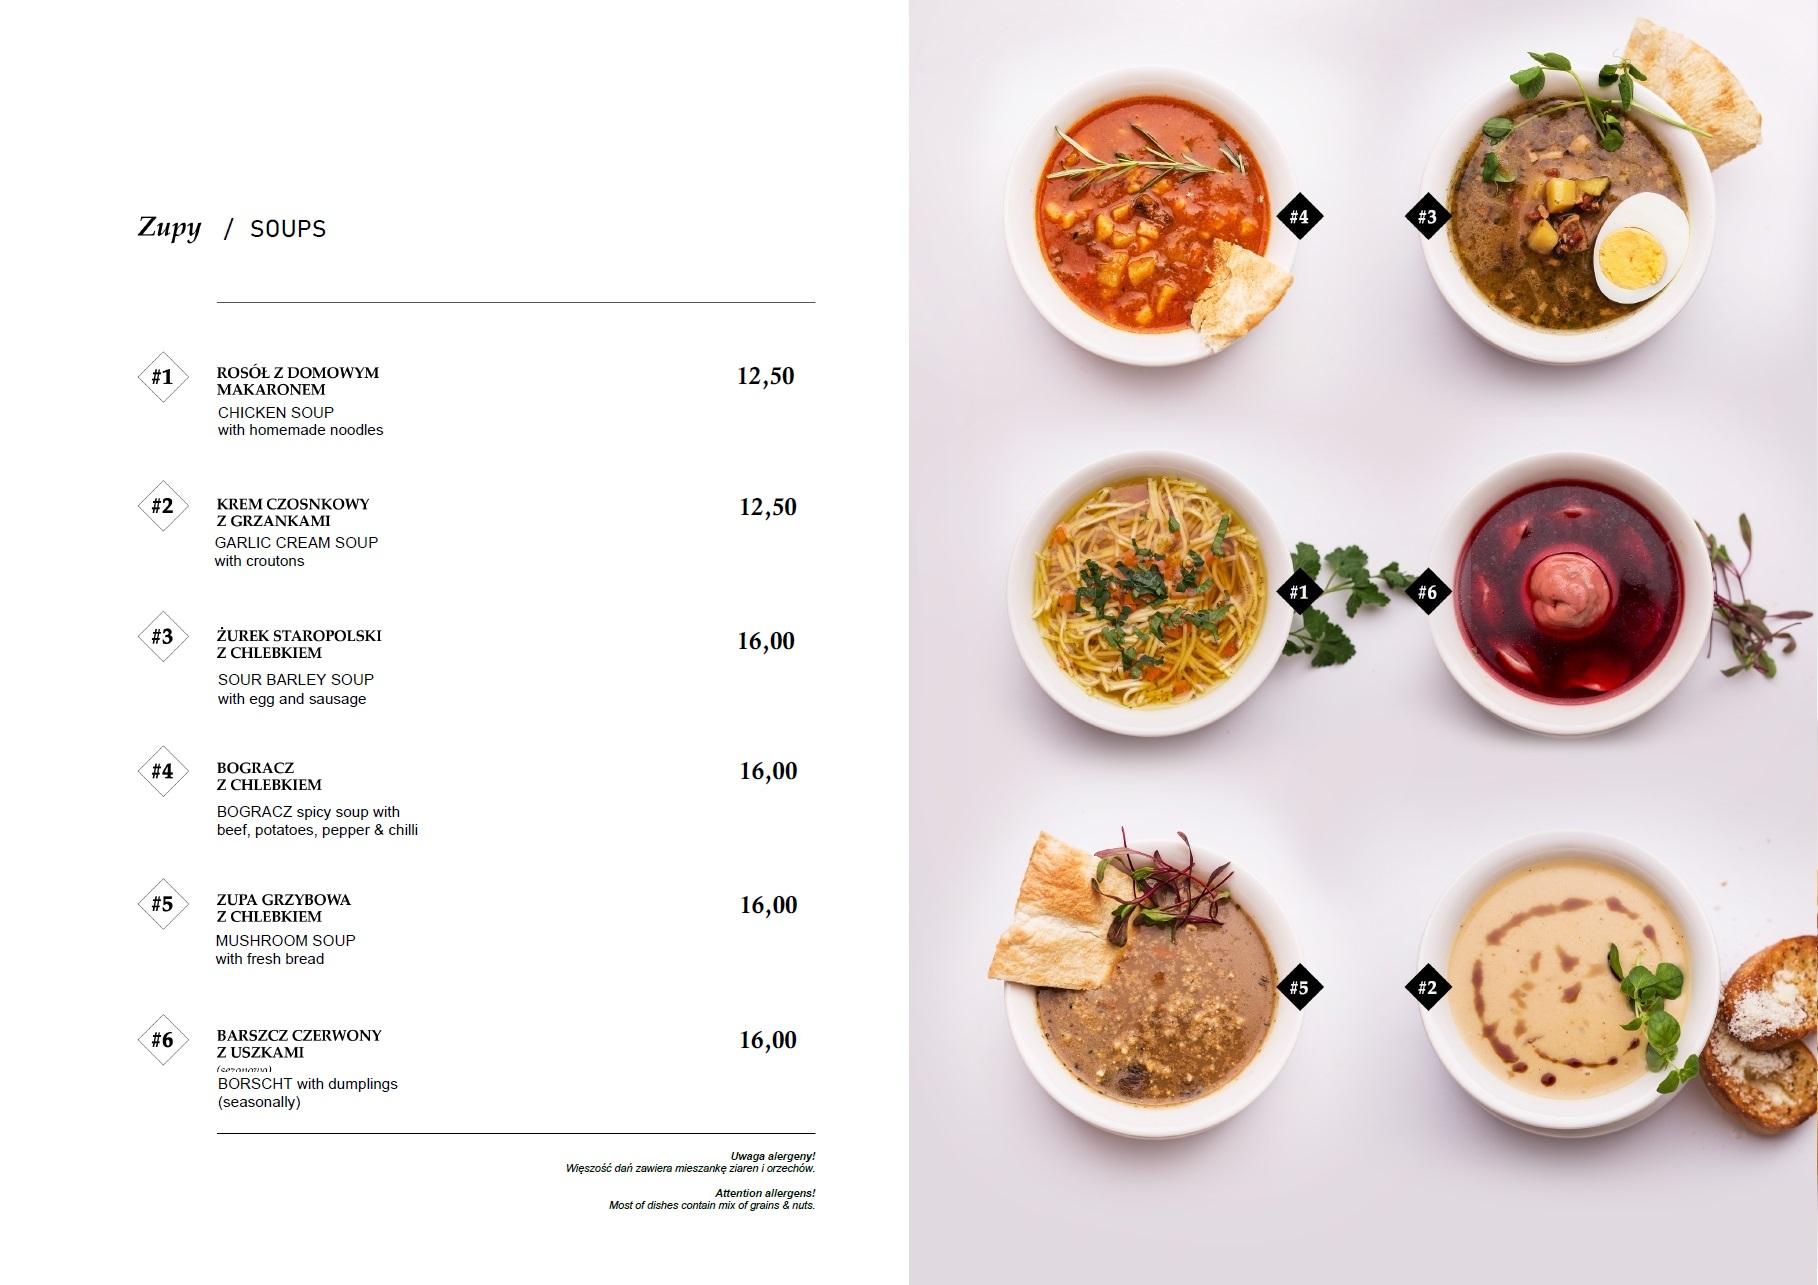 zupy menu fratelli sossi